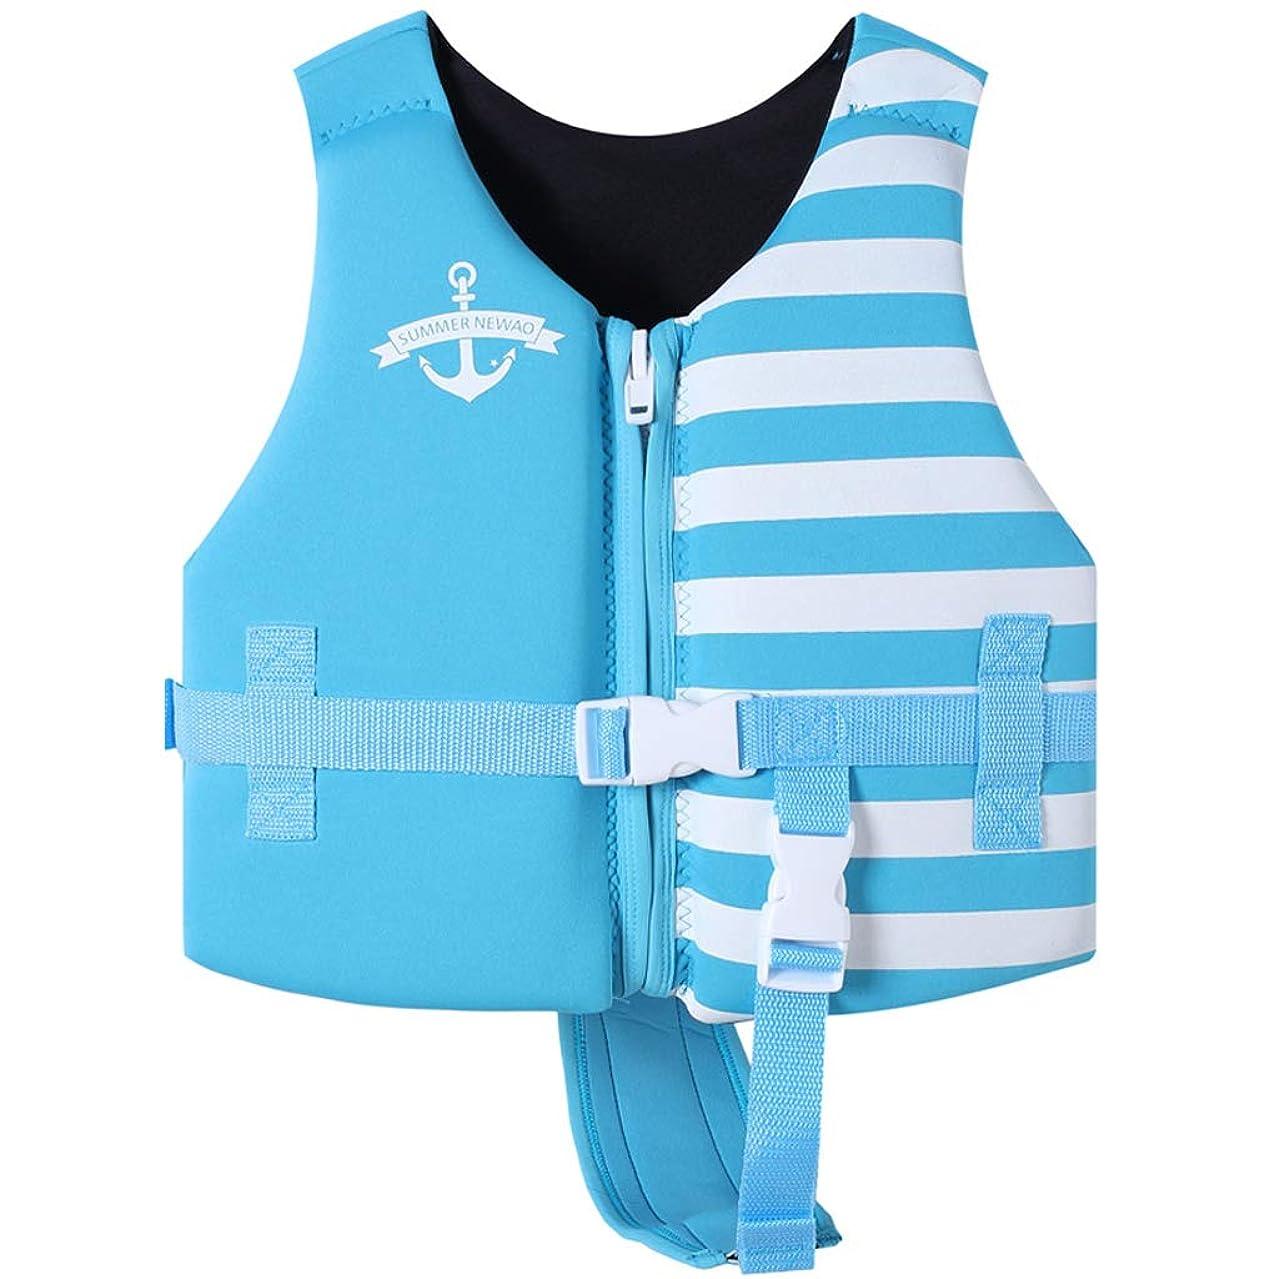 百万思いつくやりすぎ子供用ライフジャケット - CE認定済幼児フローティングベストスイミングエイド セーラープリント 救命胴衣 スイミング補助具 股ベルト付きバックル